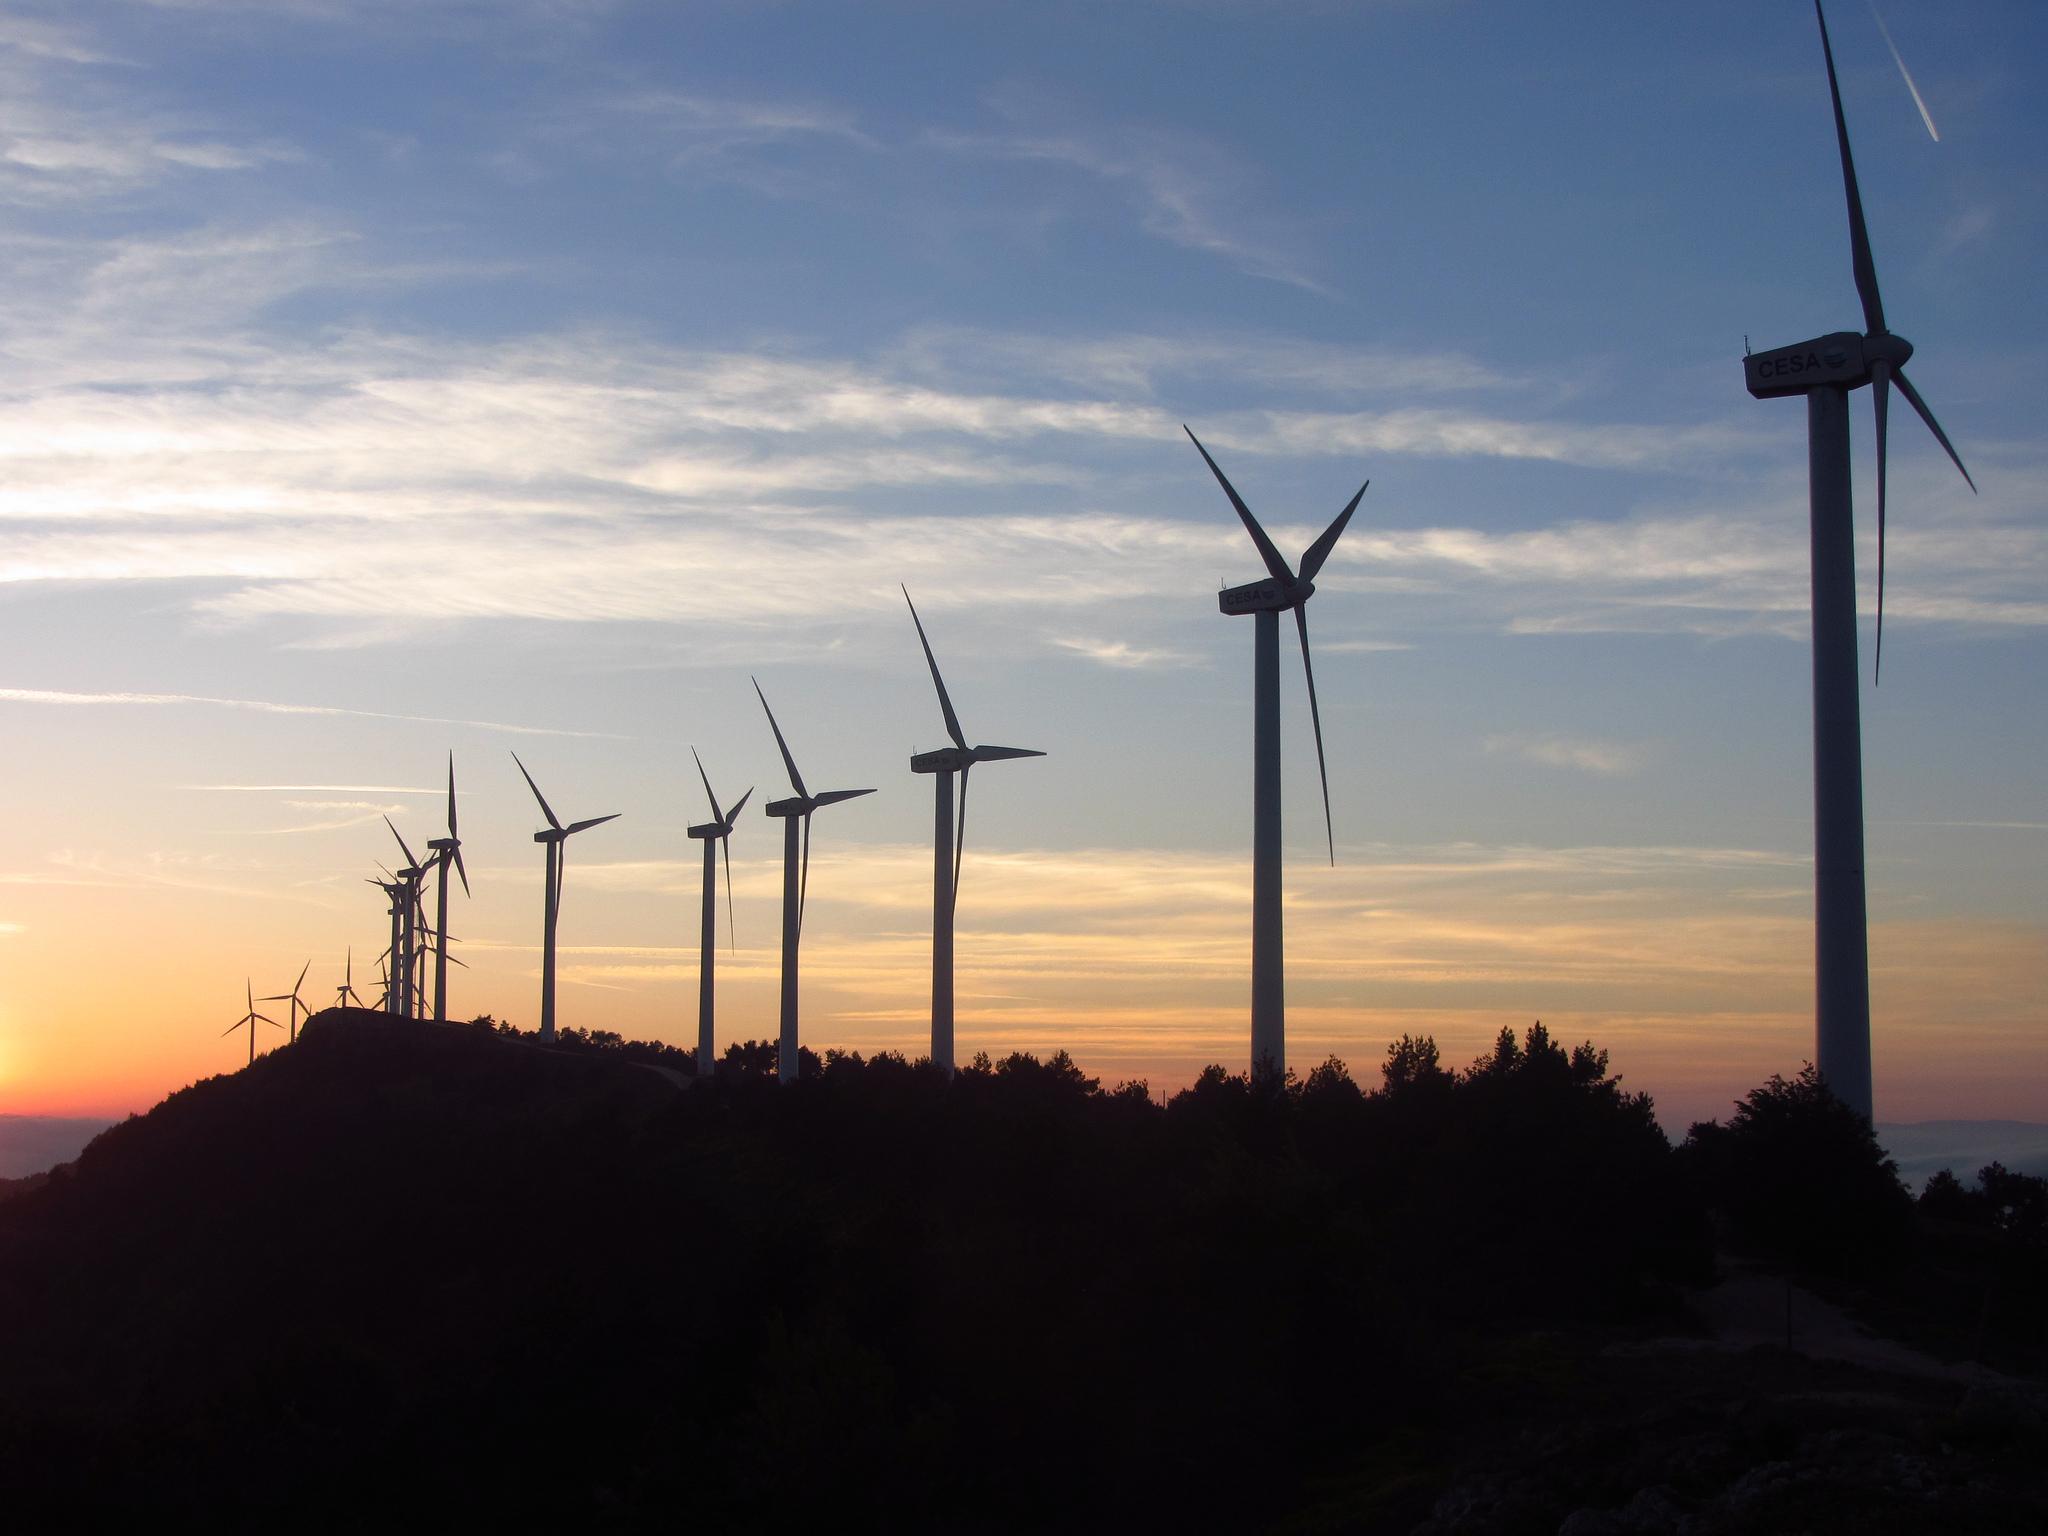 wind_turbine_germanborrillo